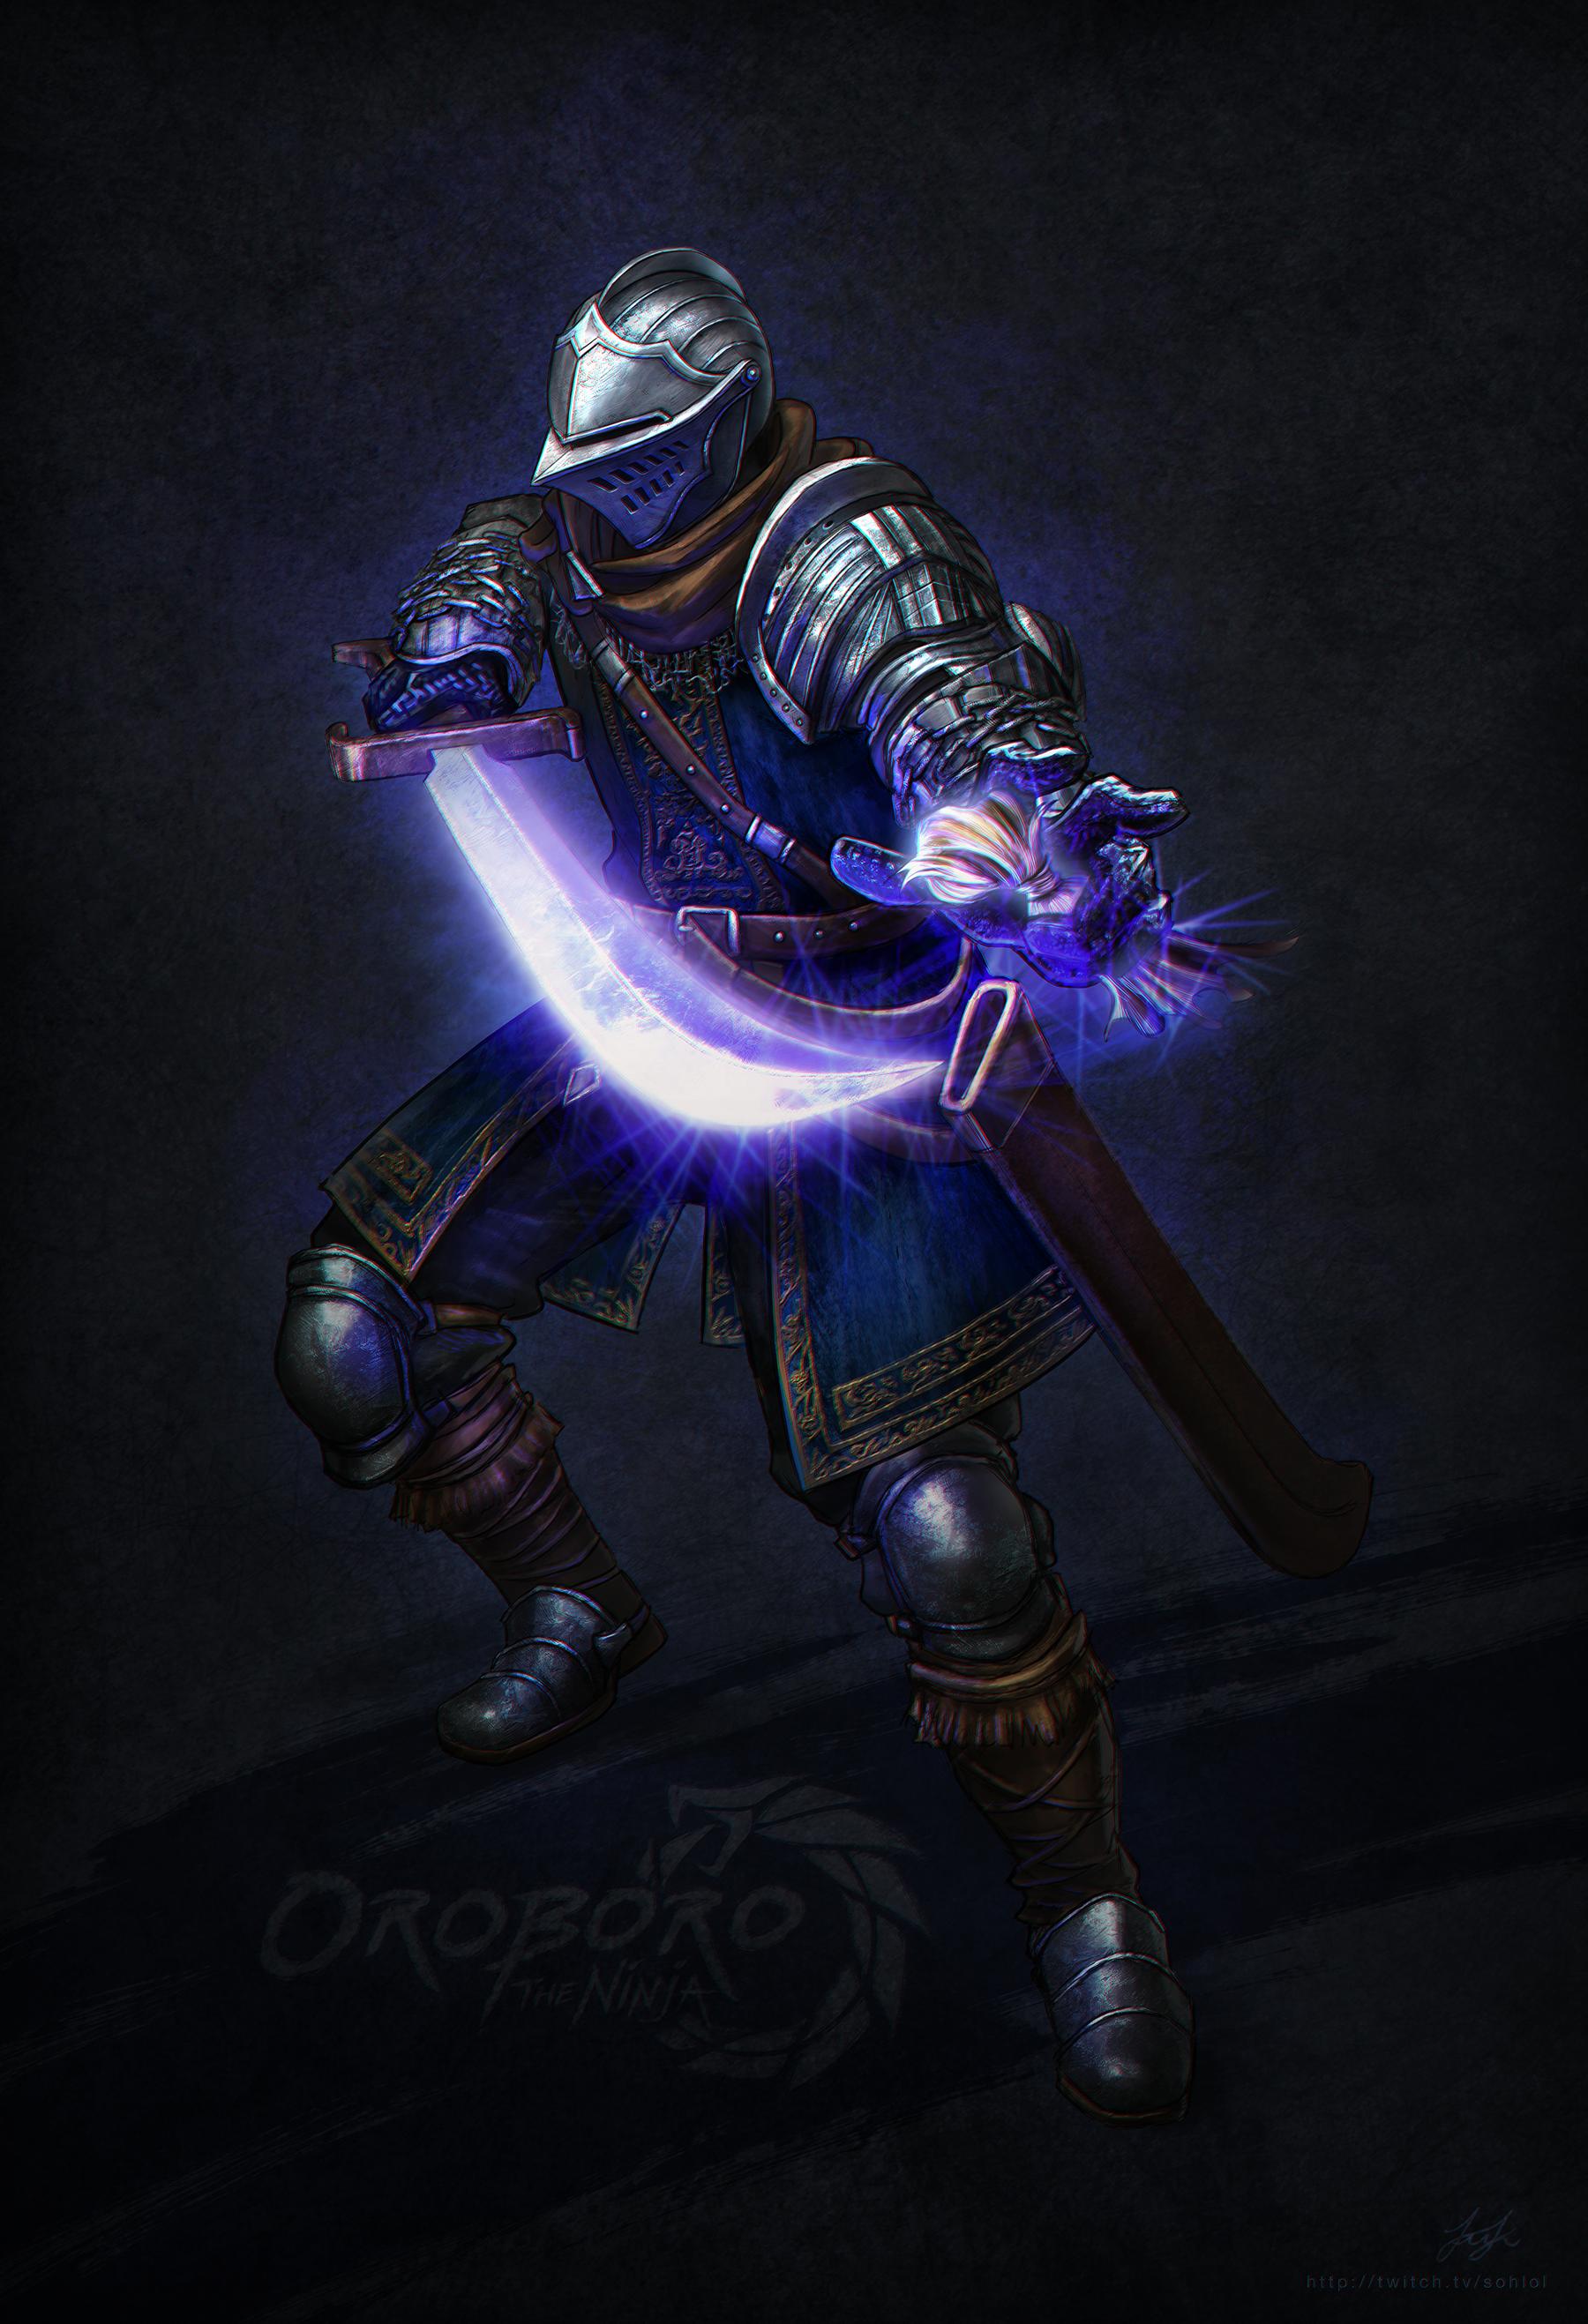 Dark Souls Wallpaper Oroboro Get Rekt By Sohlol Deviantart Com